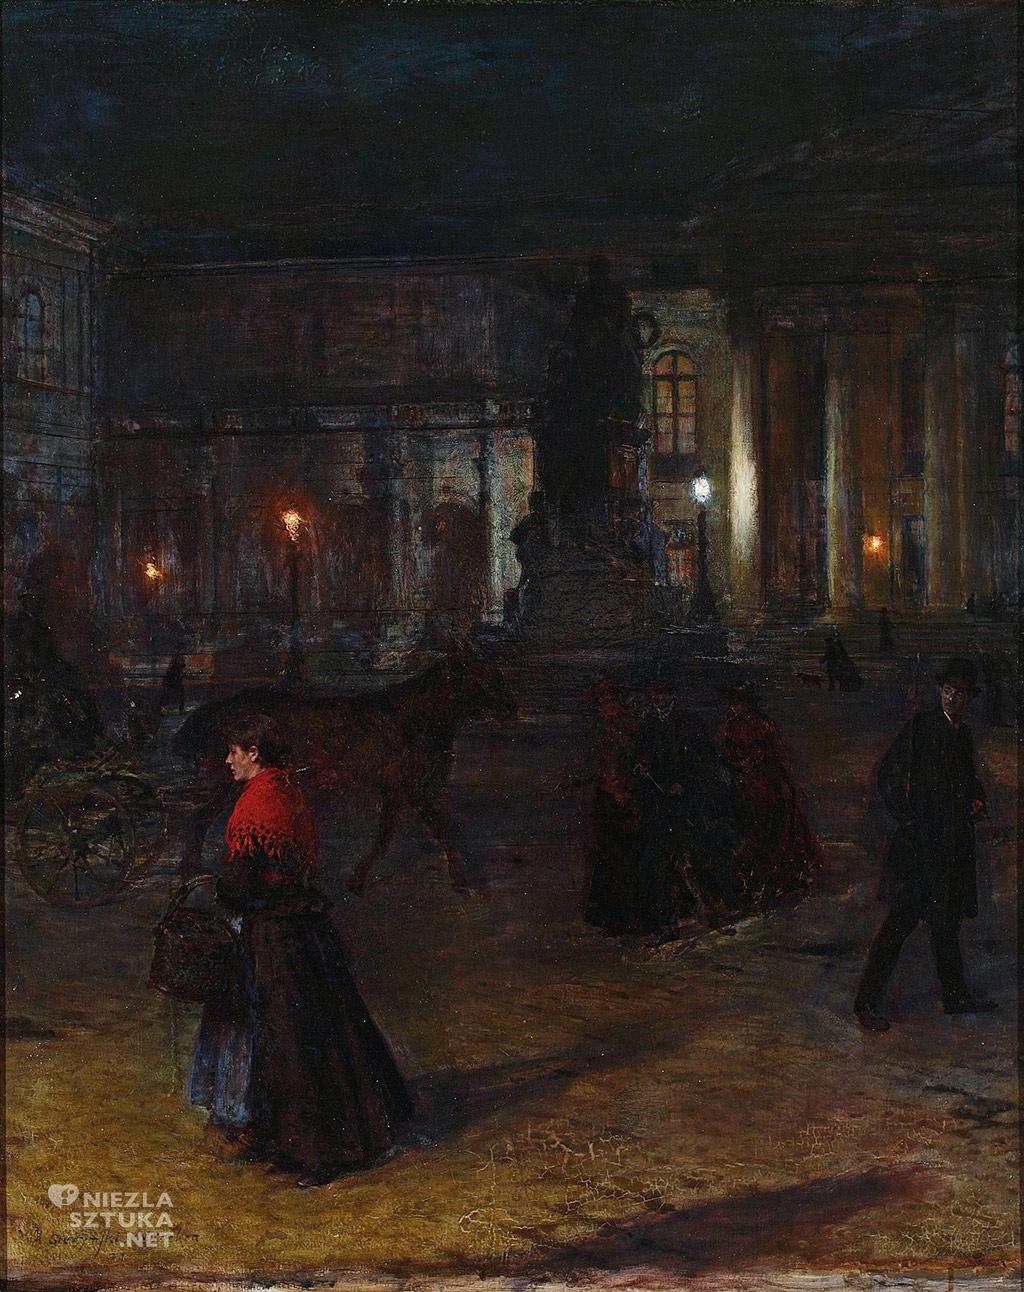 Aleksander Gierymski, Plac Maksymiliana Józefa w Monachium w nocy, malarstwo polskie, sztuka polska, Niezła Sztuka